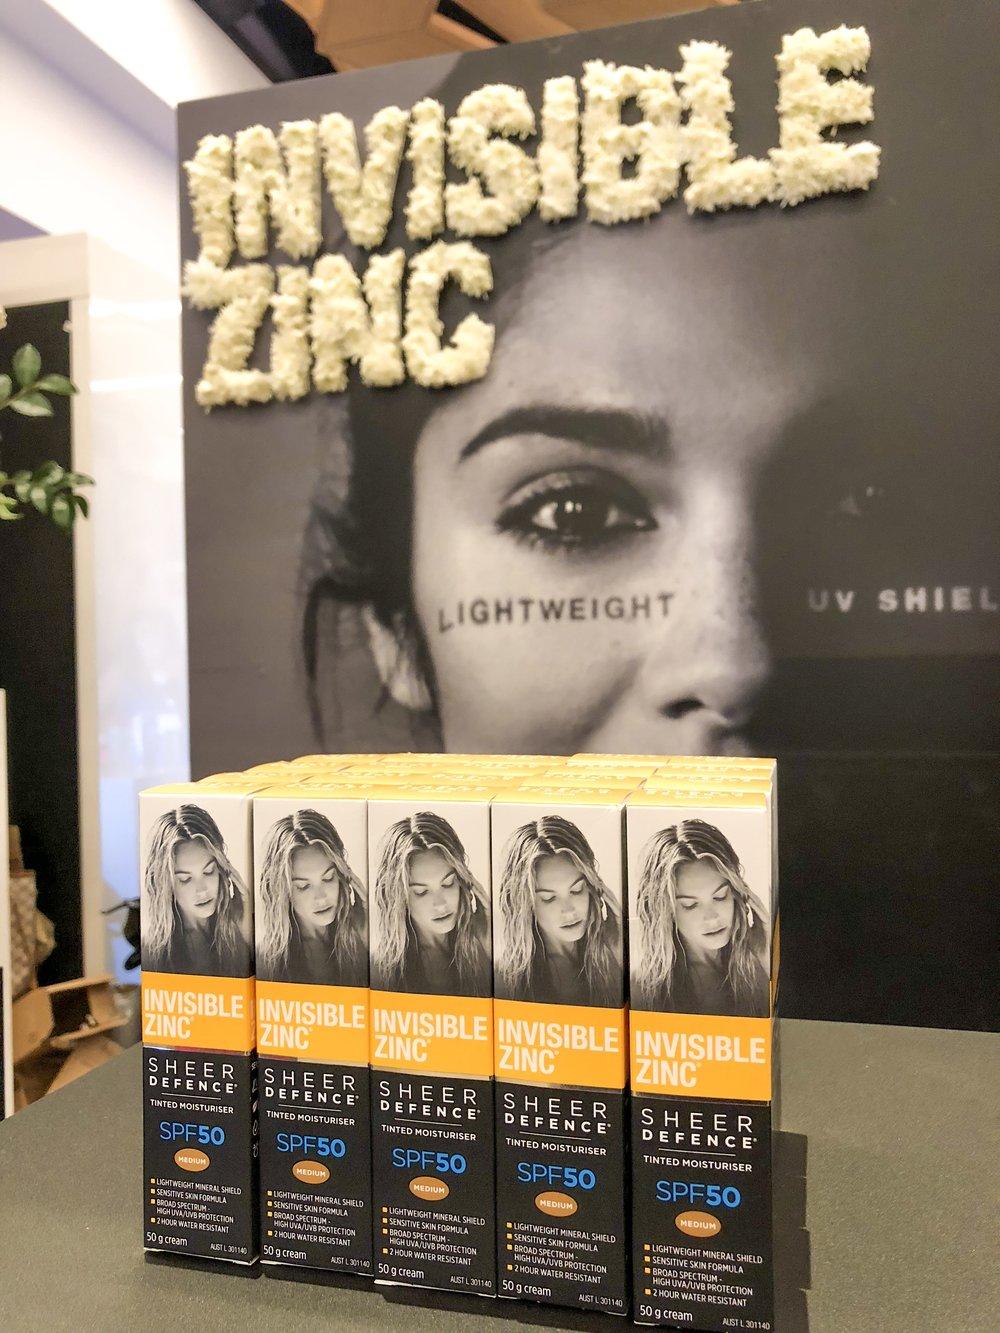 Invisible Zinc